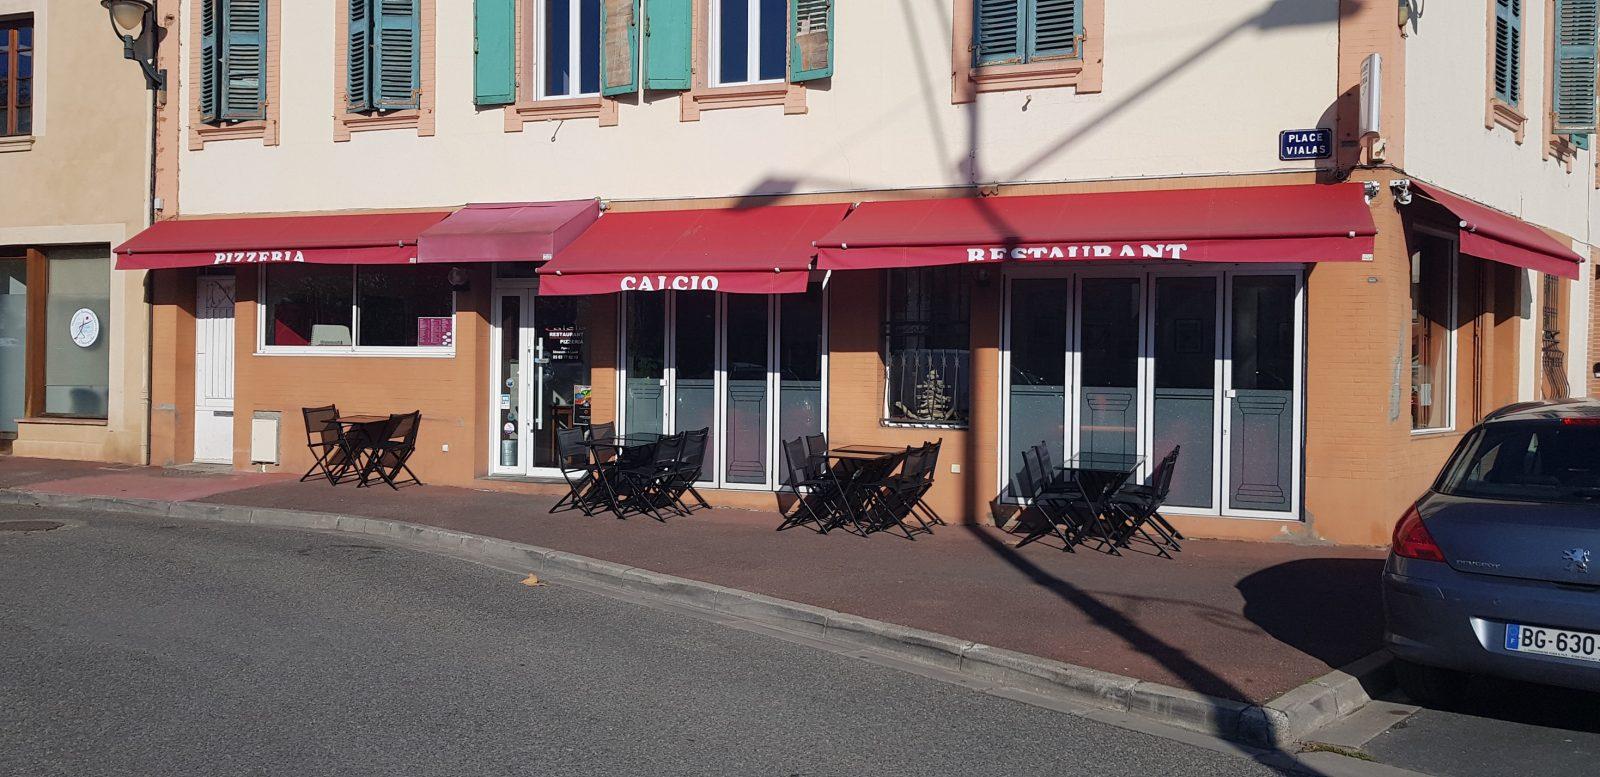 Restaurant – Pizzéria Le Calcio